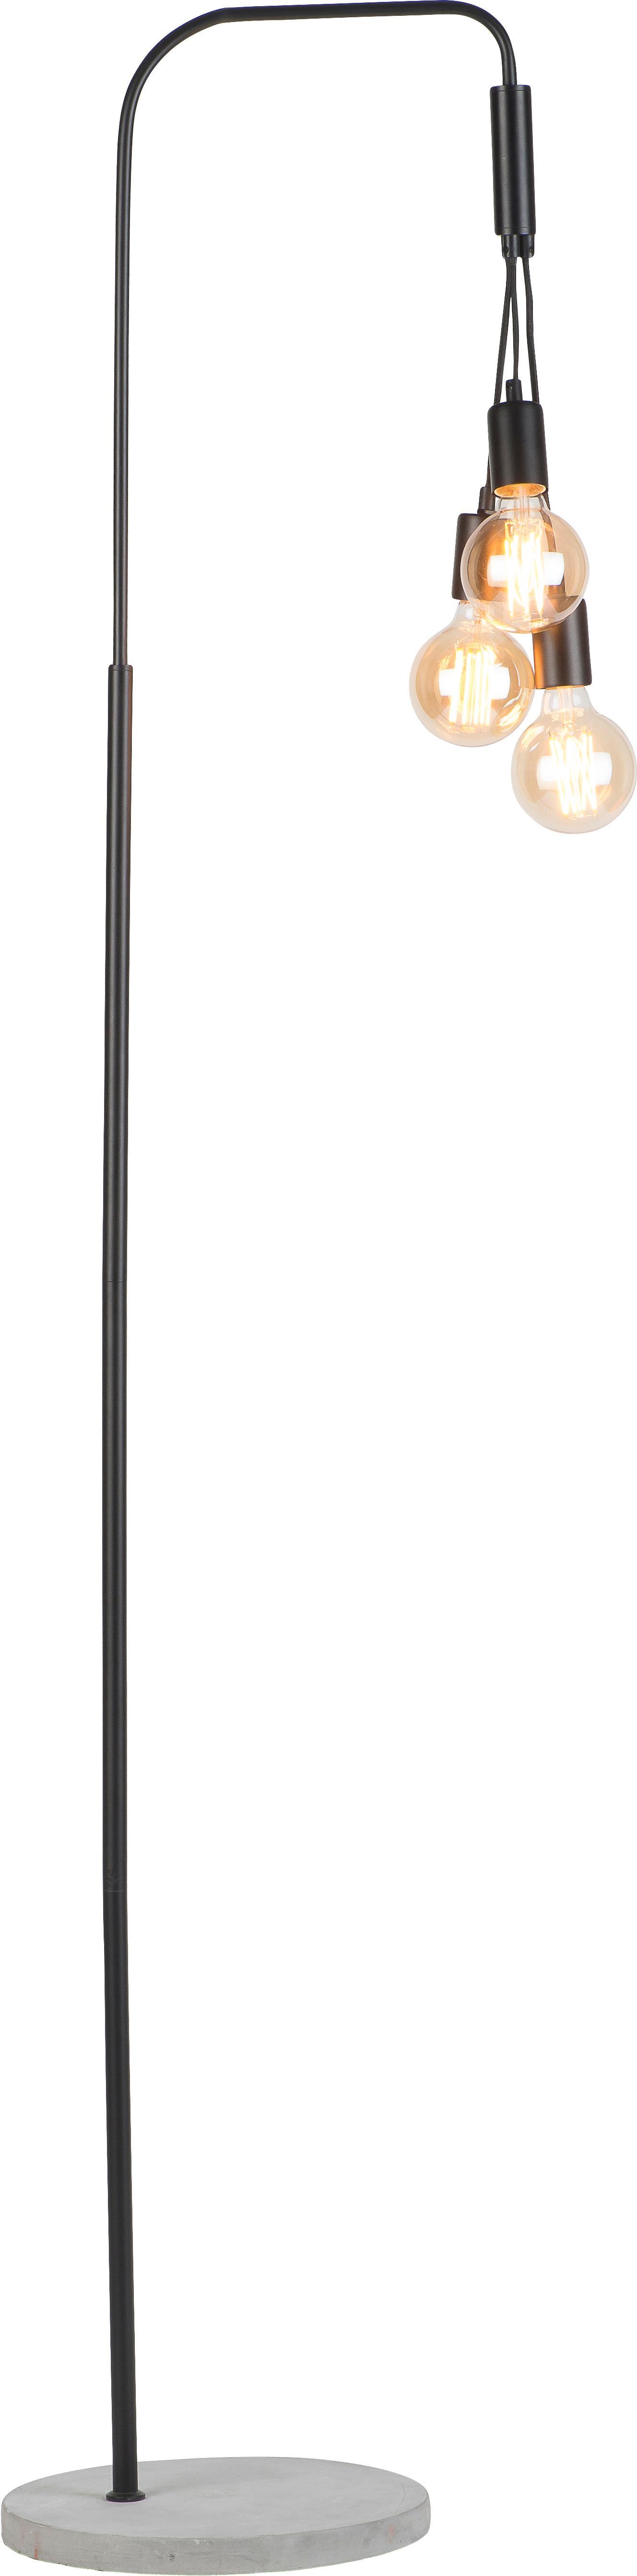 Lampada da terra Oslo, Base della lampada: cemento, Nero, Larg. 48 x Alt. 190 cm